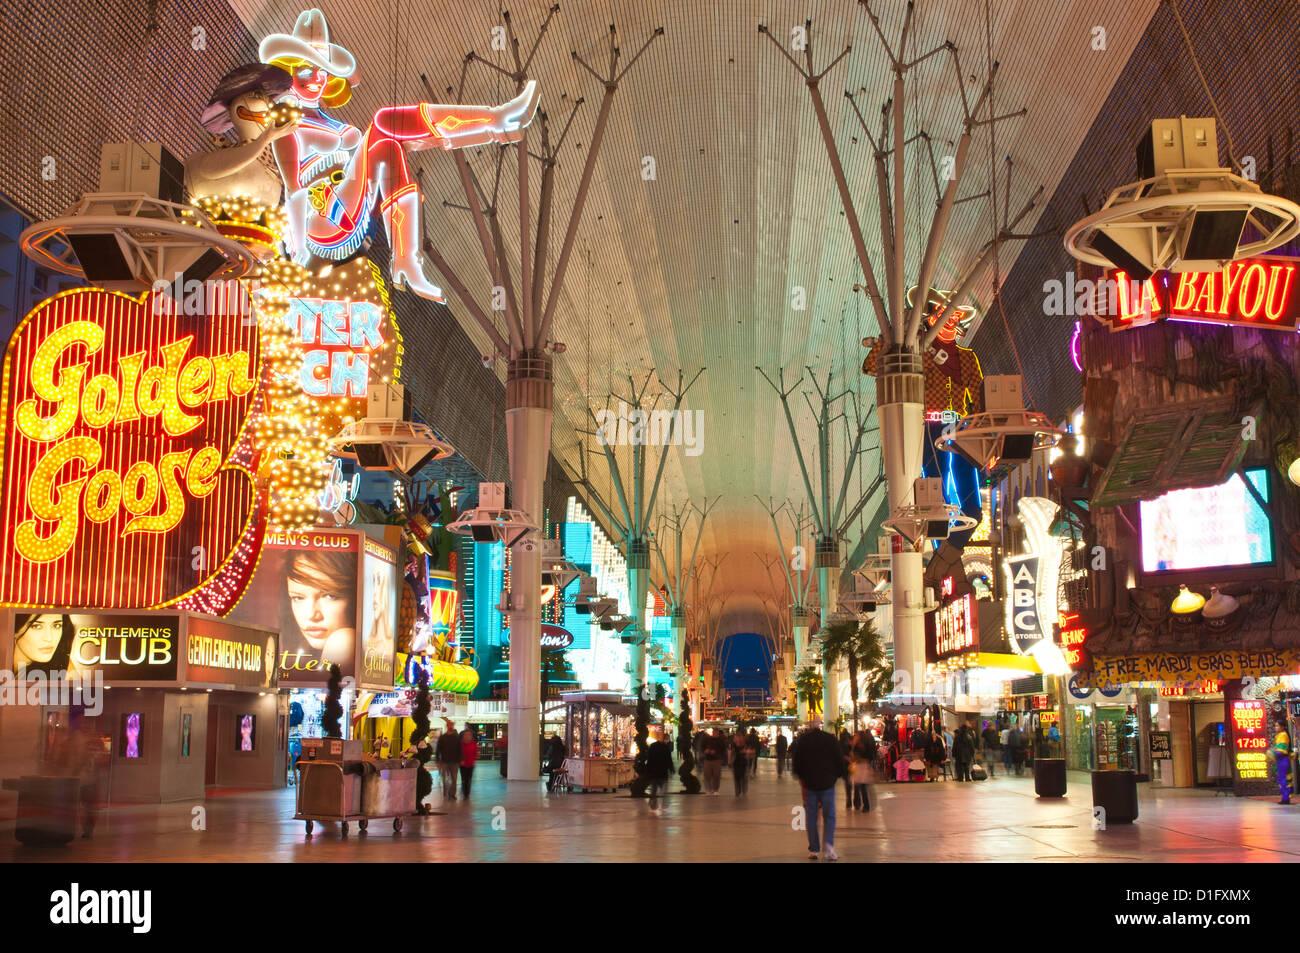 Fremont Street Erfahrung, Las Vegas, Nevada, Vereinigte Staaten von Amerika, Nordamerika Stockbild